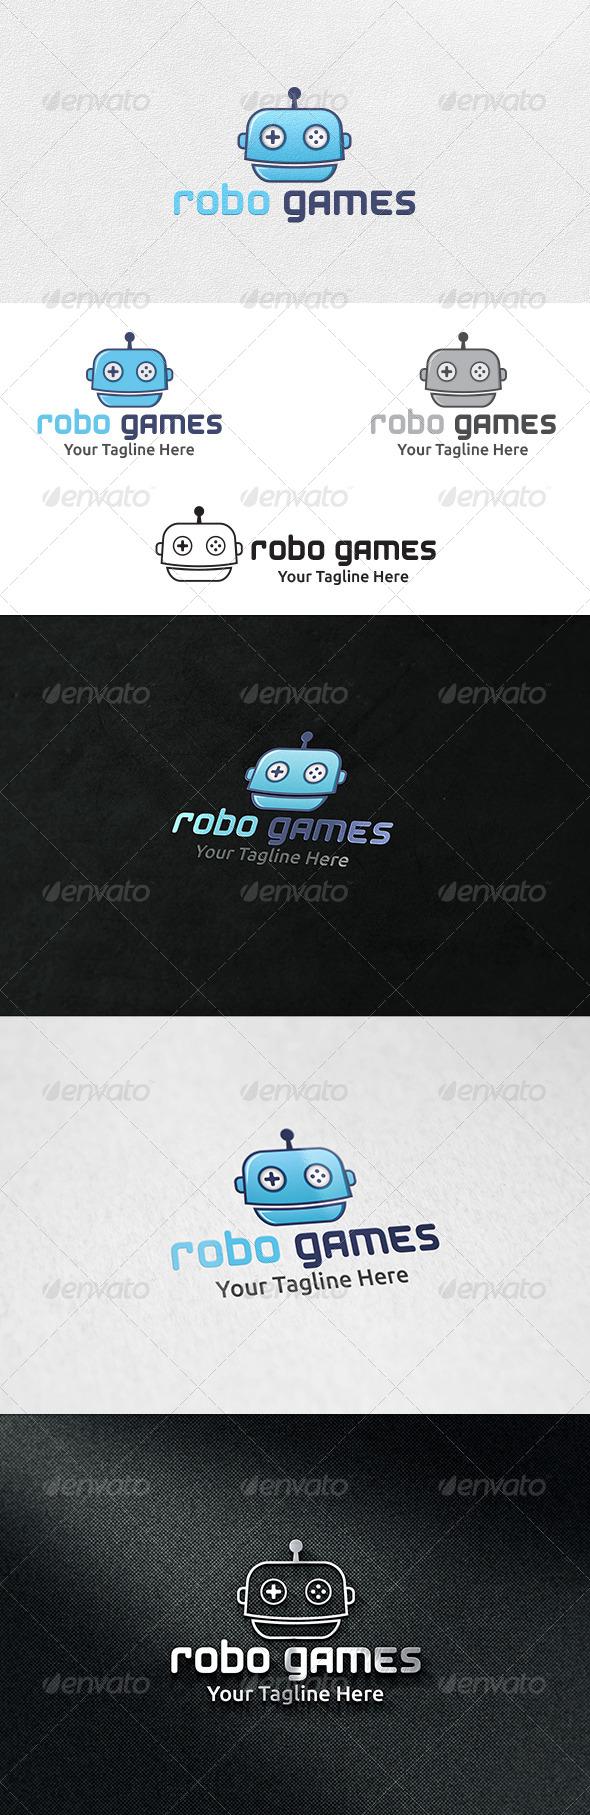 Robot Games - Logo Template